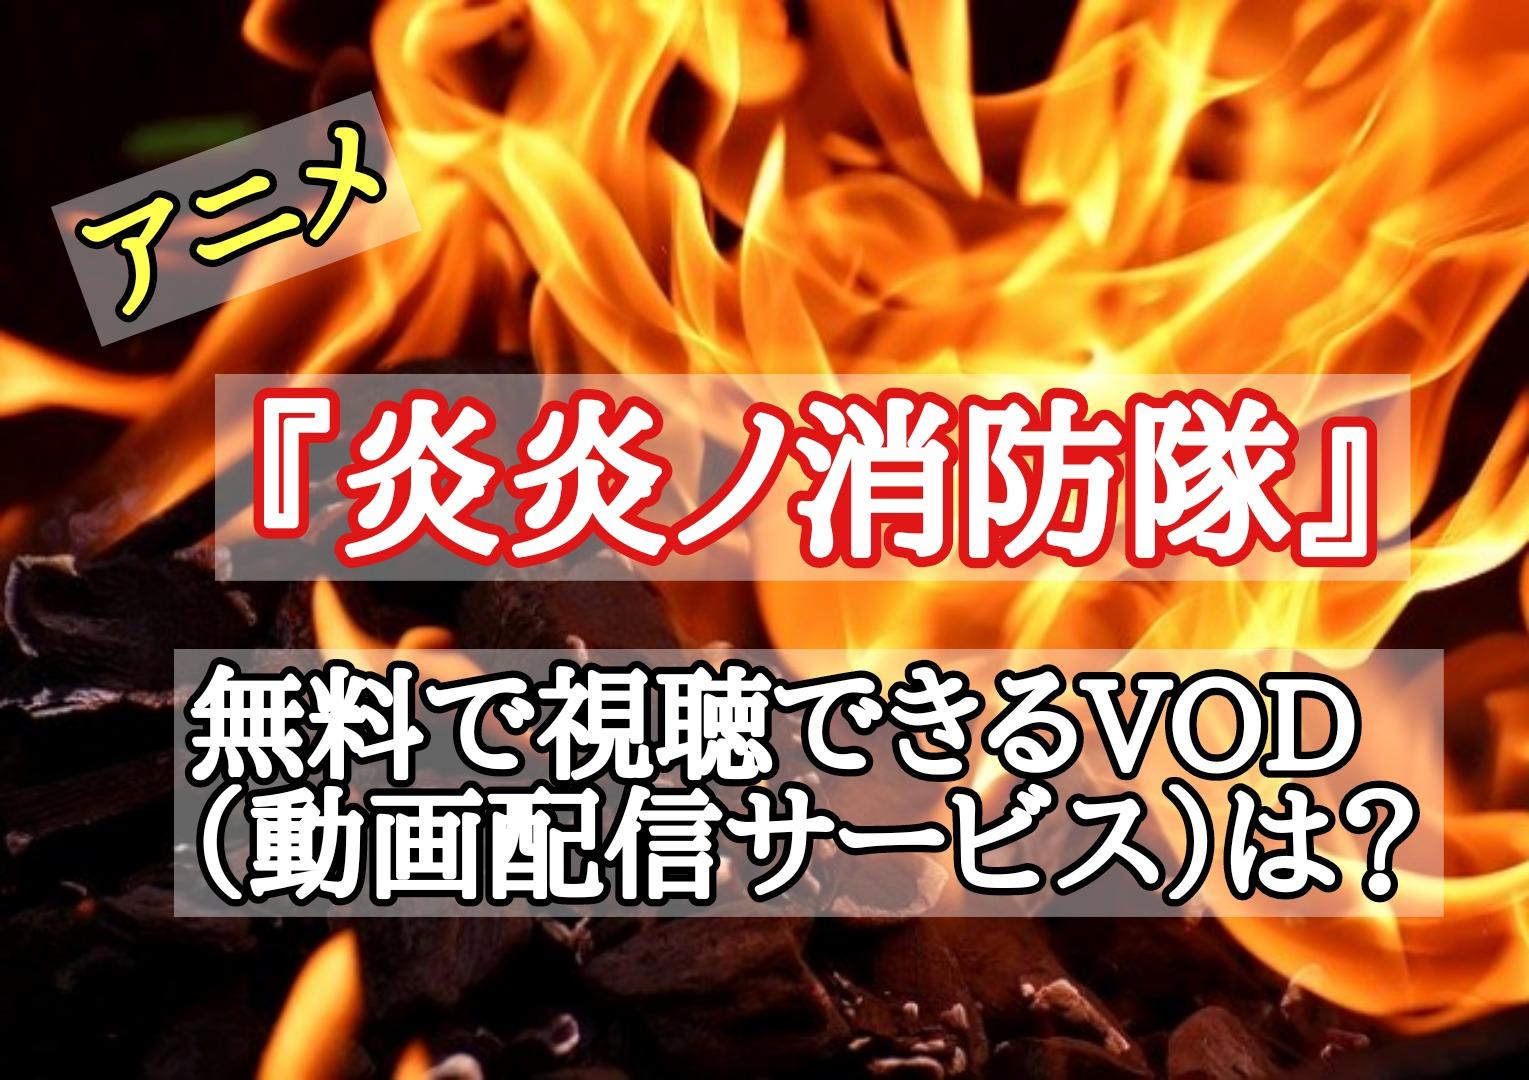 アニメ『炎炎ノ消防隊』を無料で試聴できるVOD(動画配信サービス)は?